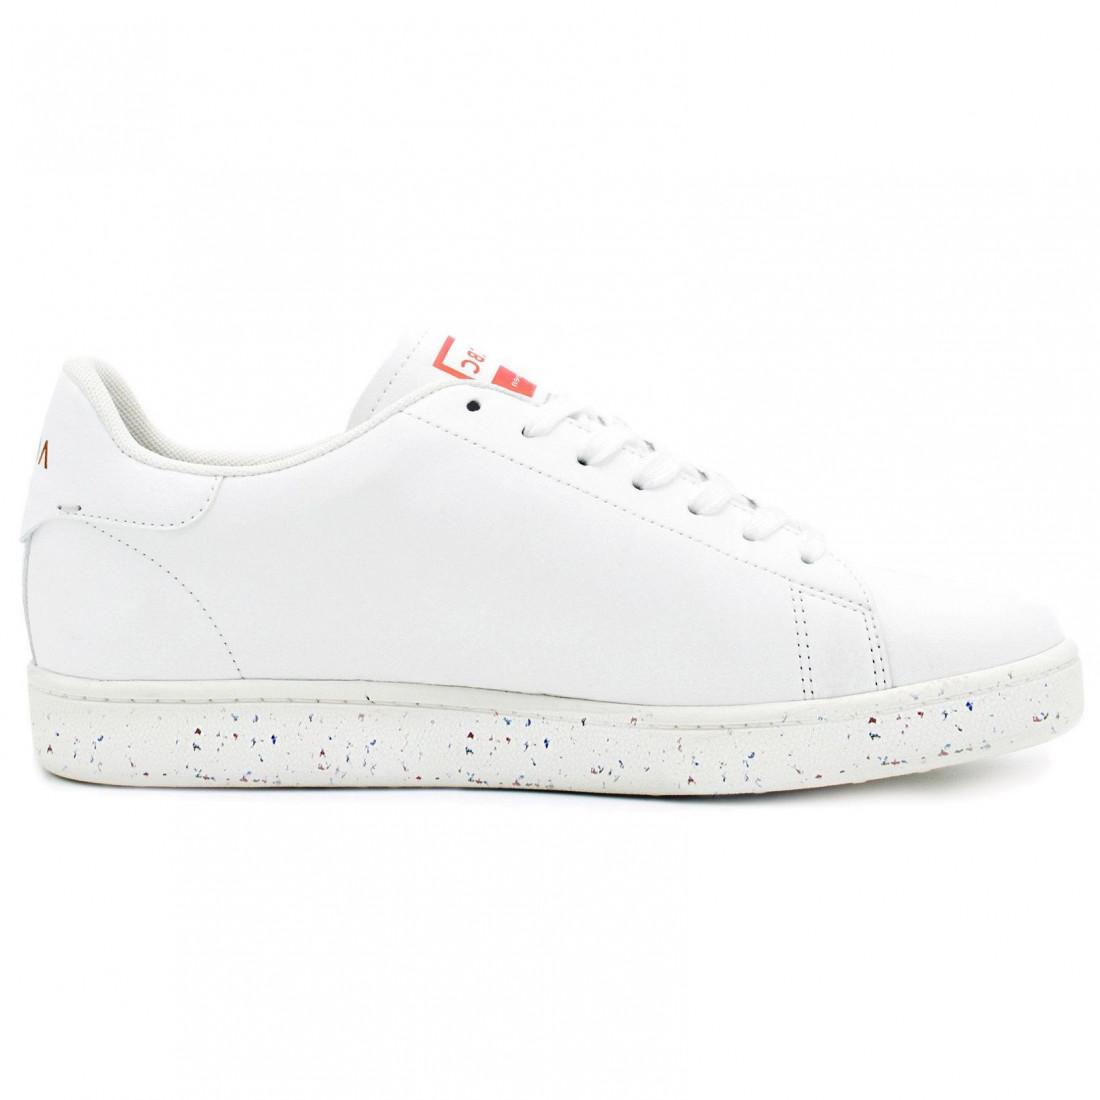 sneakers donna acbc shtl eco206 8702